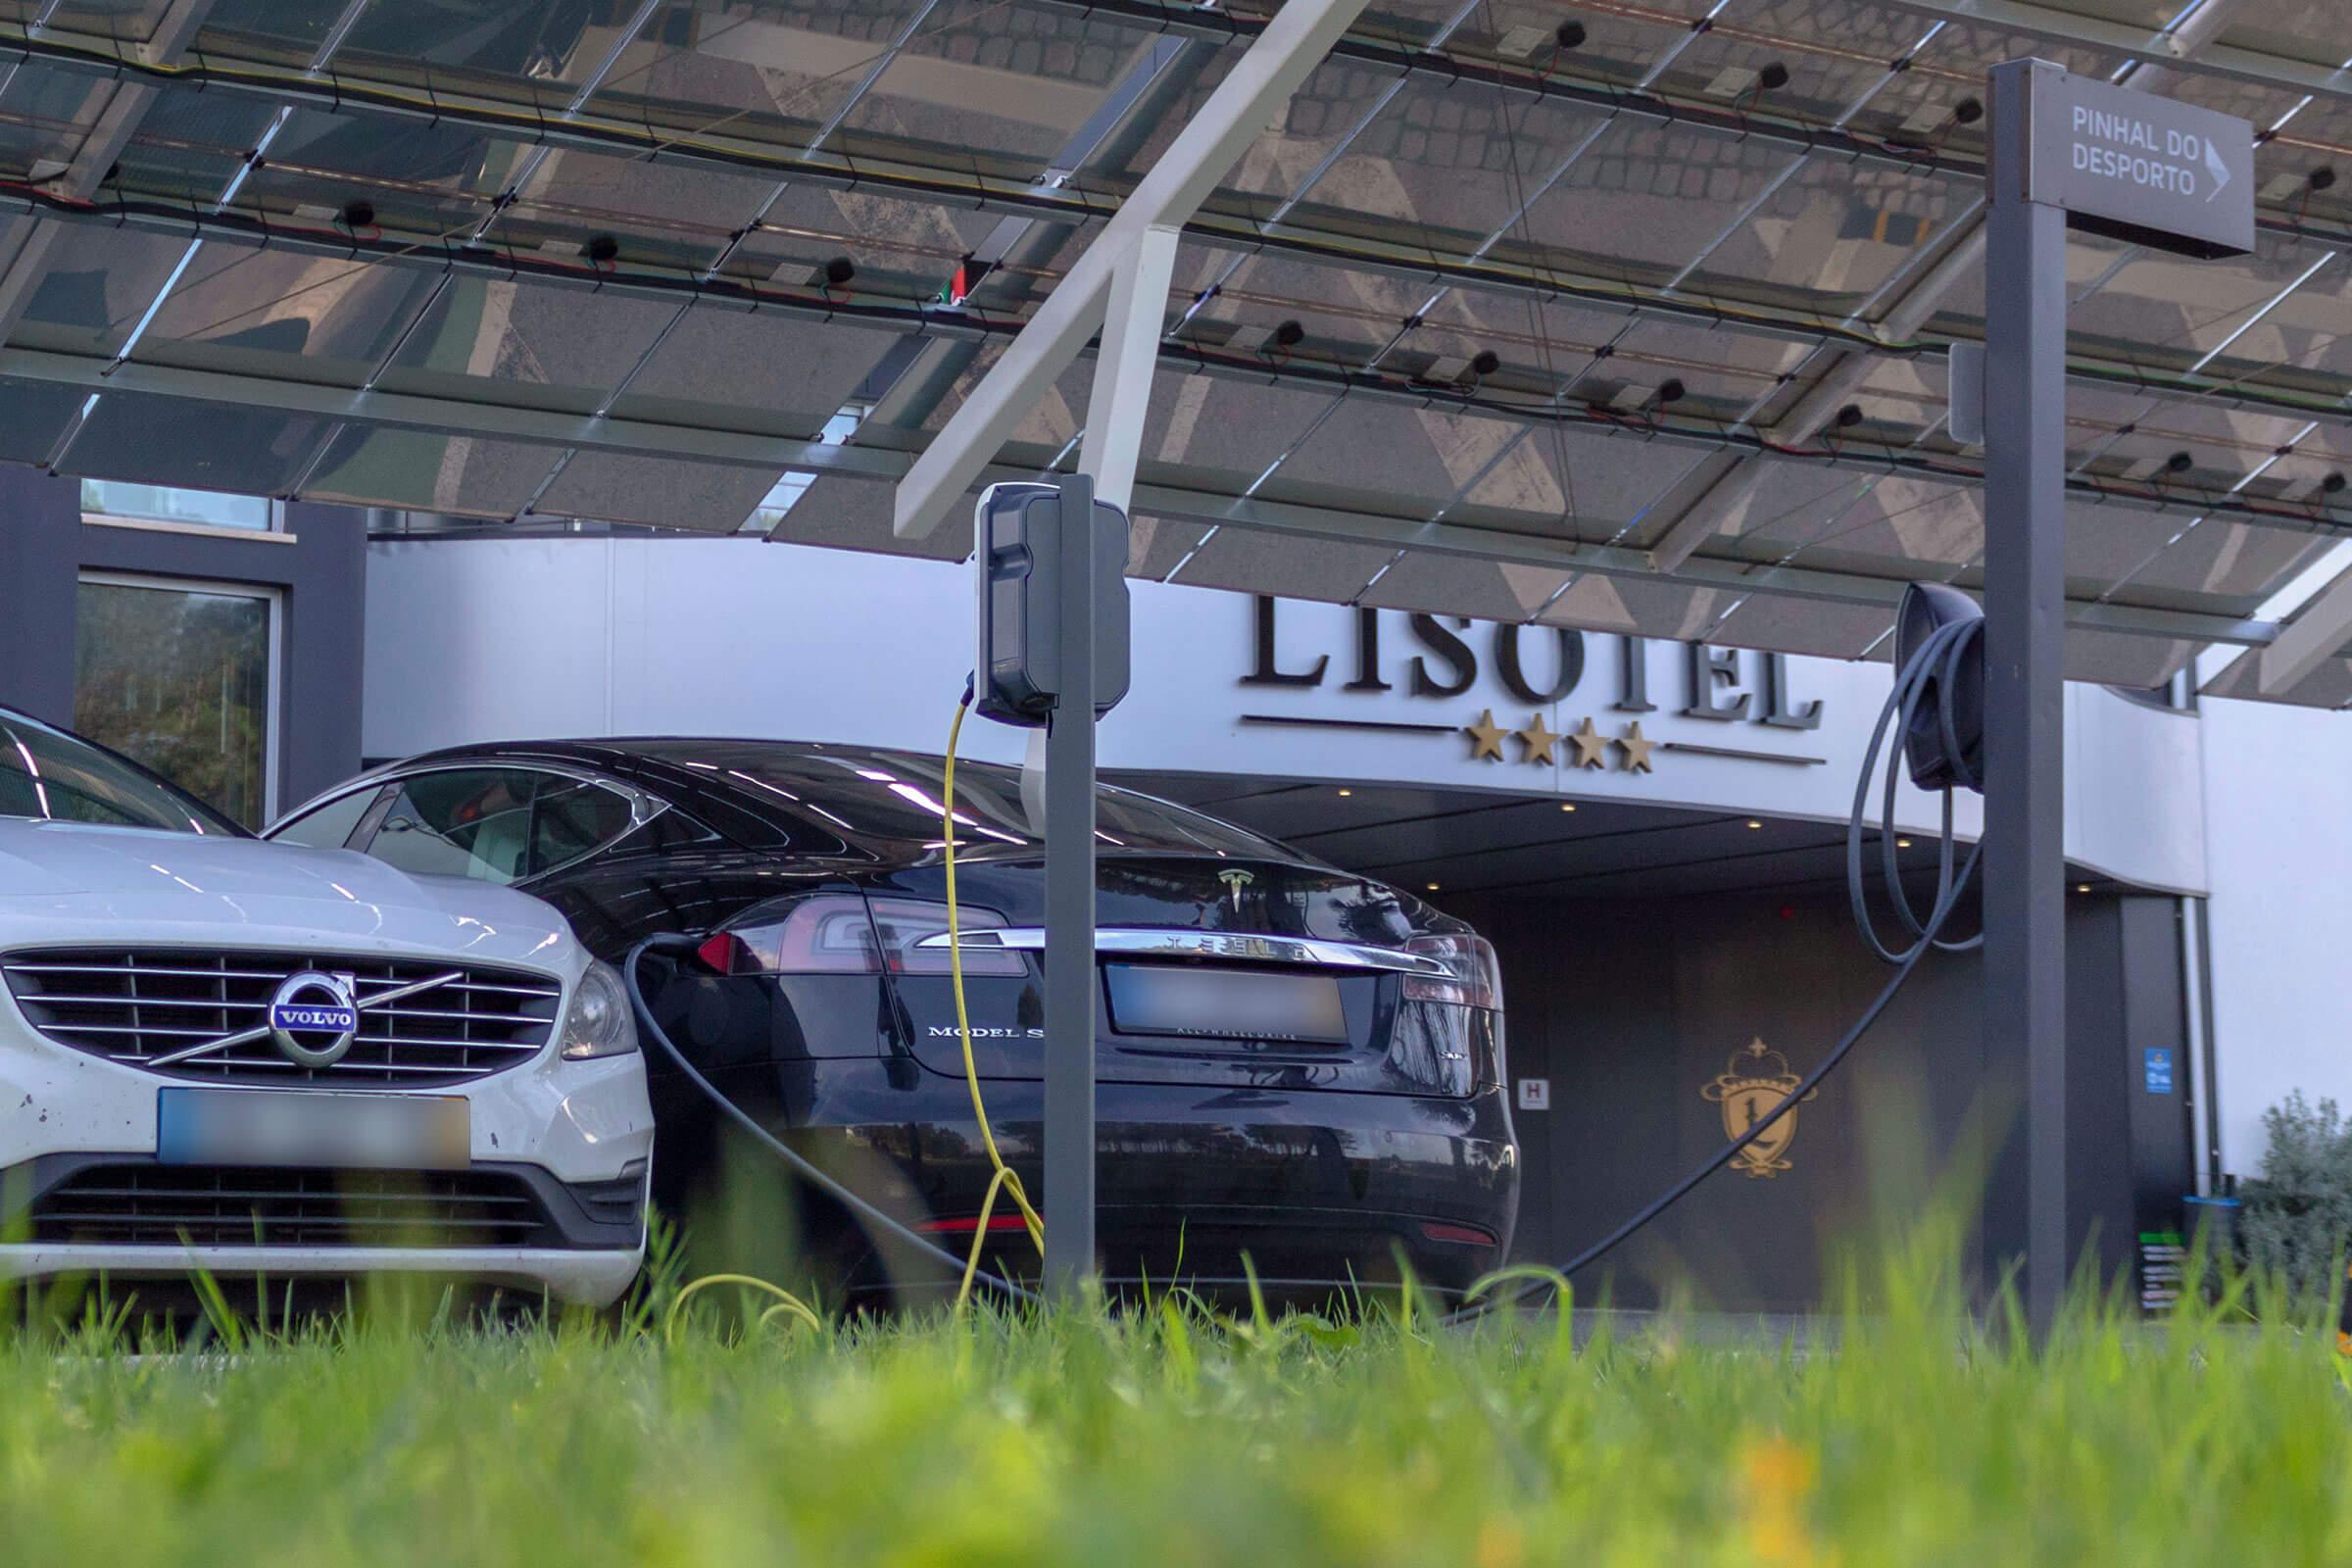 Postos de carregamento para veículos elétricos - Lisotel Hotel & Spa